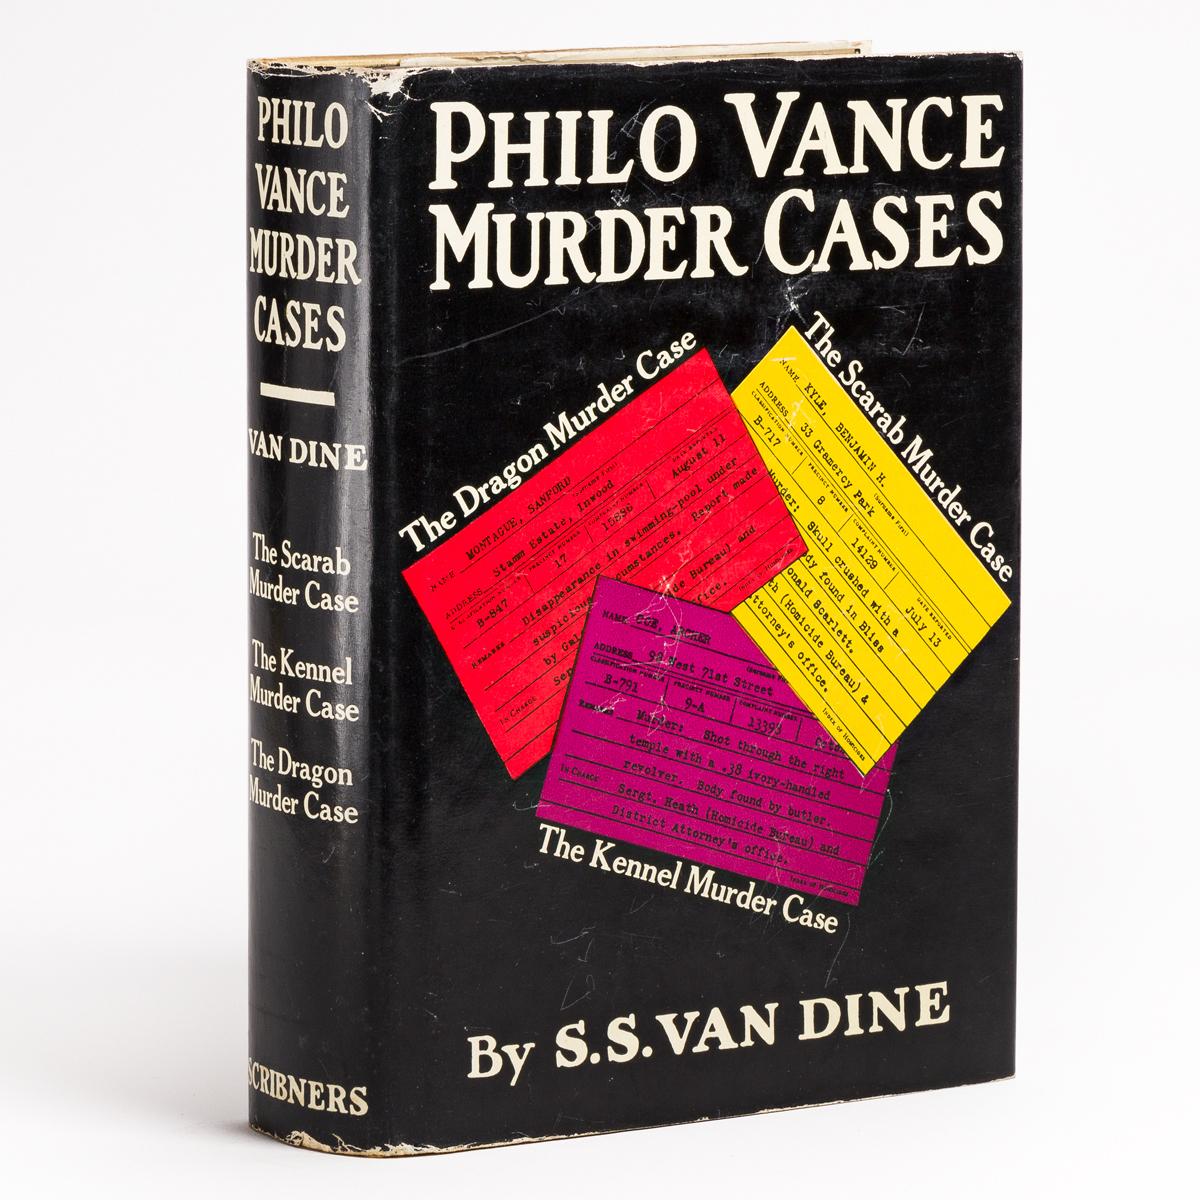 VAN DINE, S.S. Philo Vance Murder Cases.